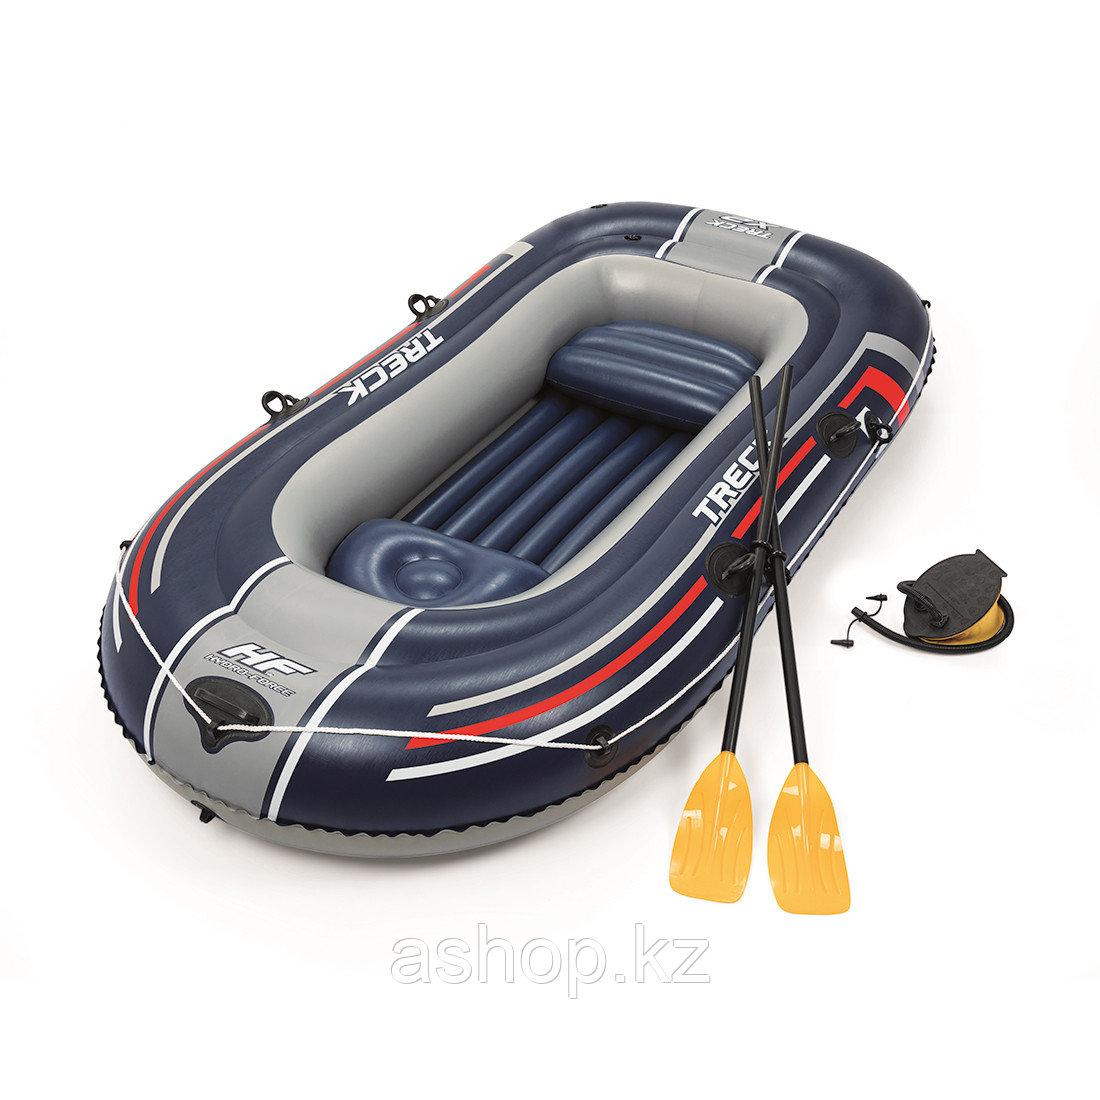 Лодка гребная надувная плоскодонная Bestway Hydro-Force, Грузоподъемность: 225кг, Вместимость: 2 чел., Кол-во